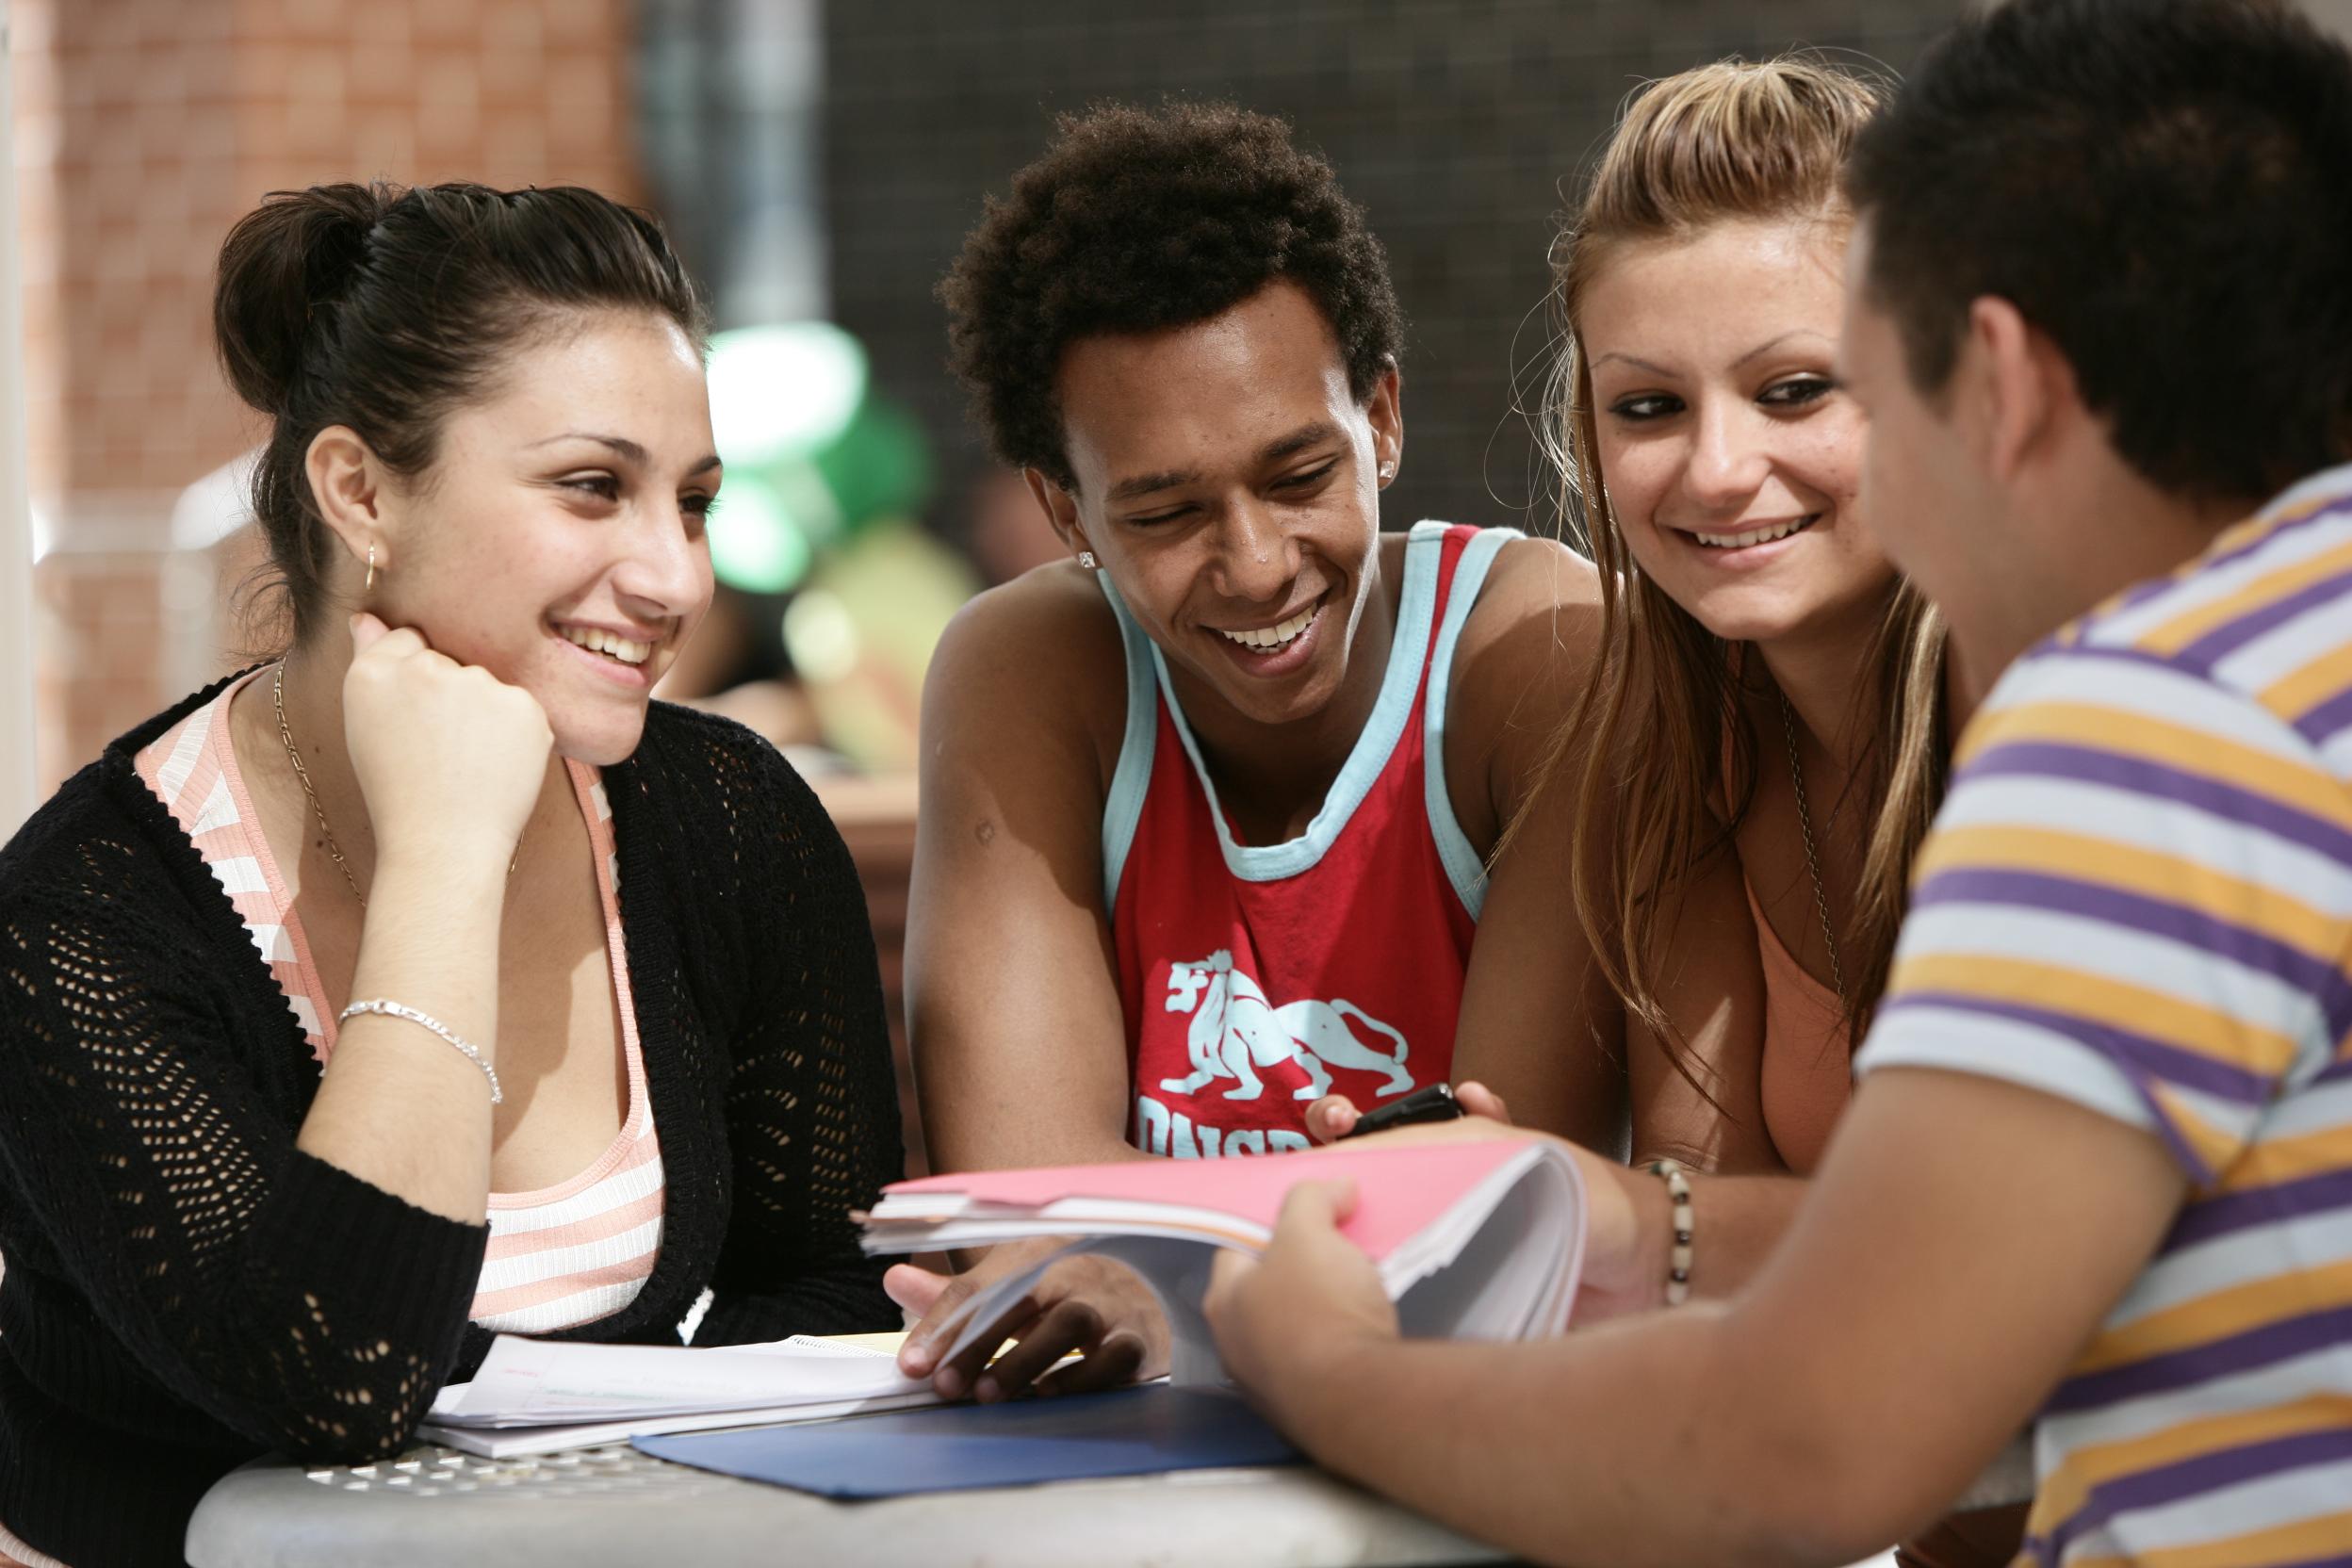 2021'den İtibaren Bölgesel Avustralya'daki Uluslararası Öğrenciler, Eğitim Sonrası Vizelerini Uzatabilirler